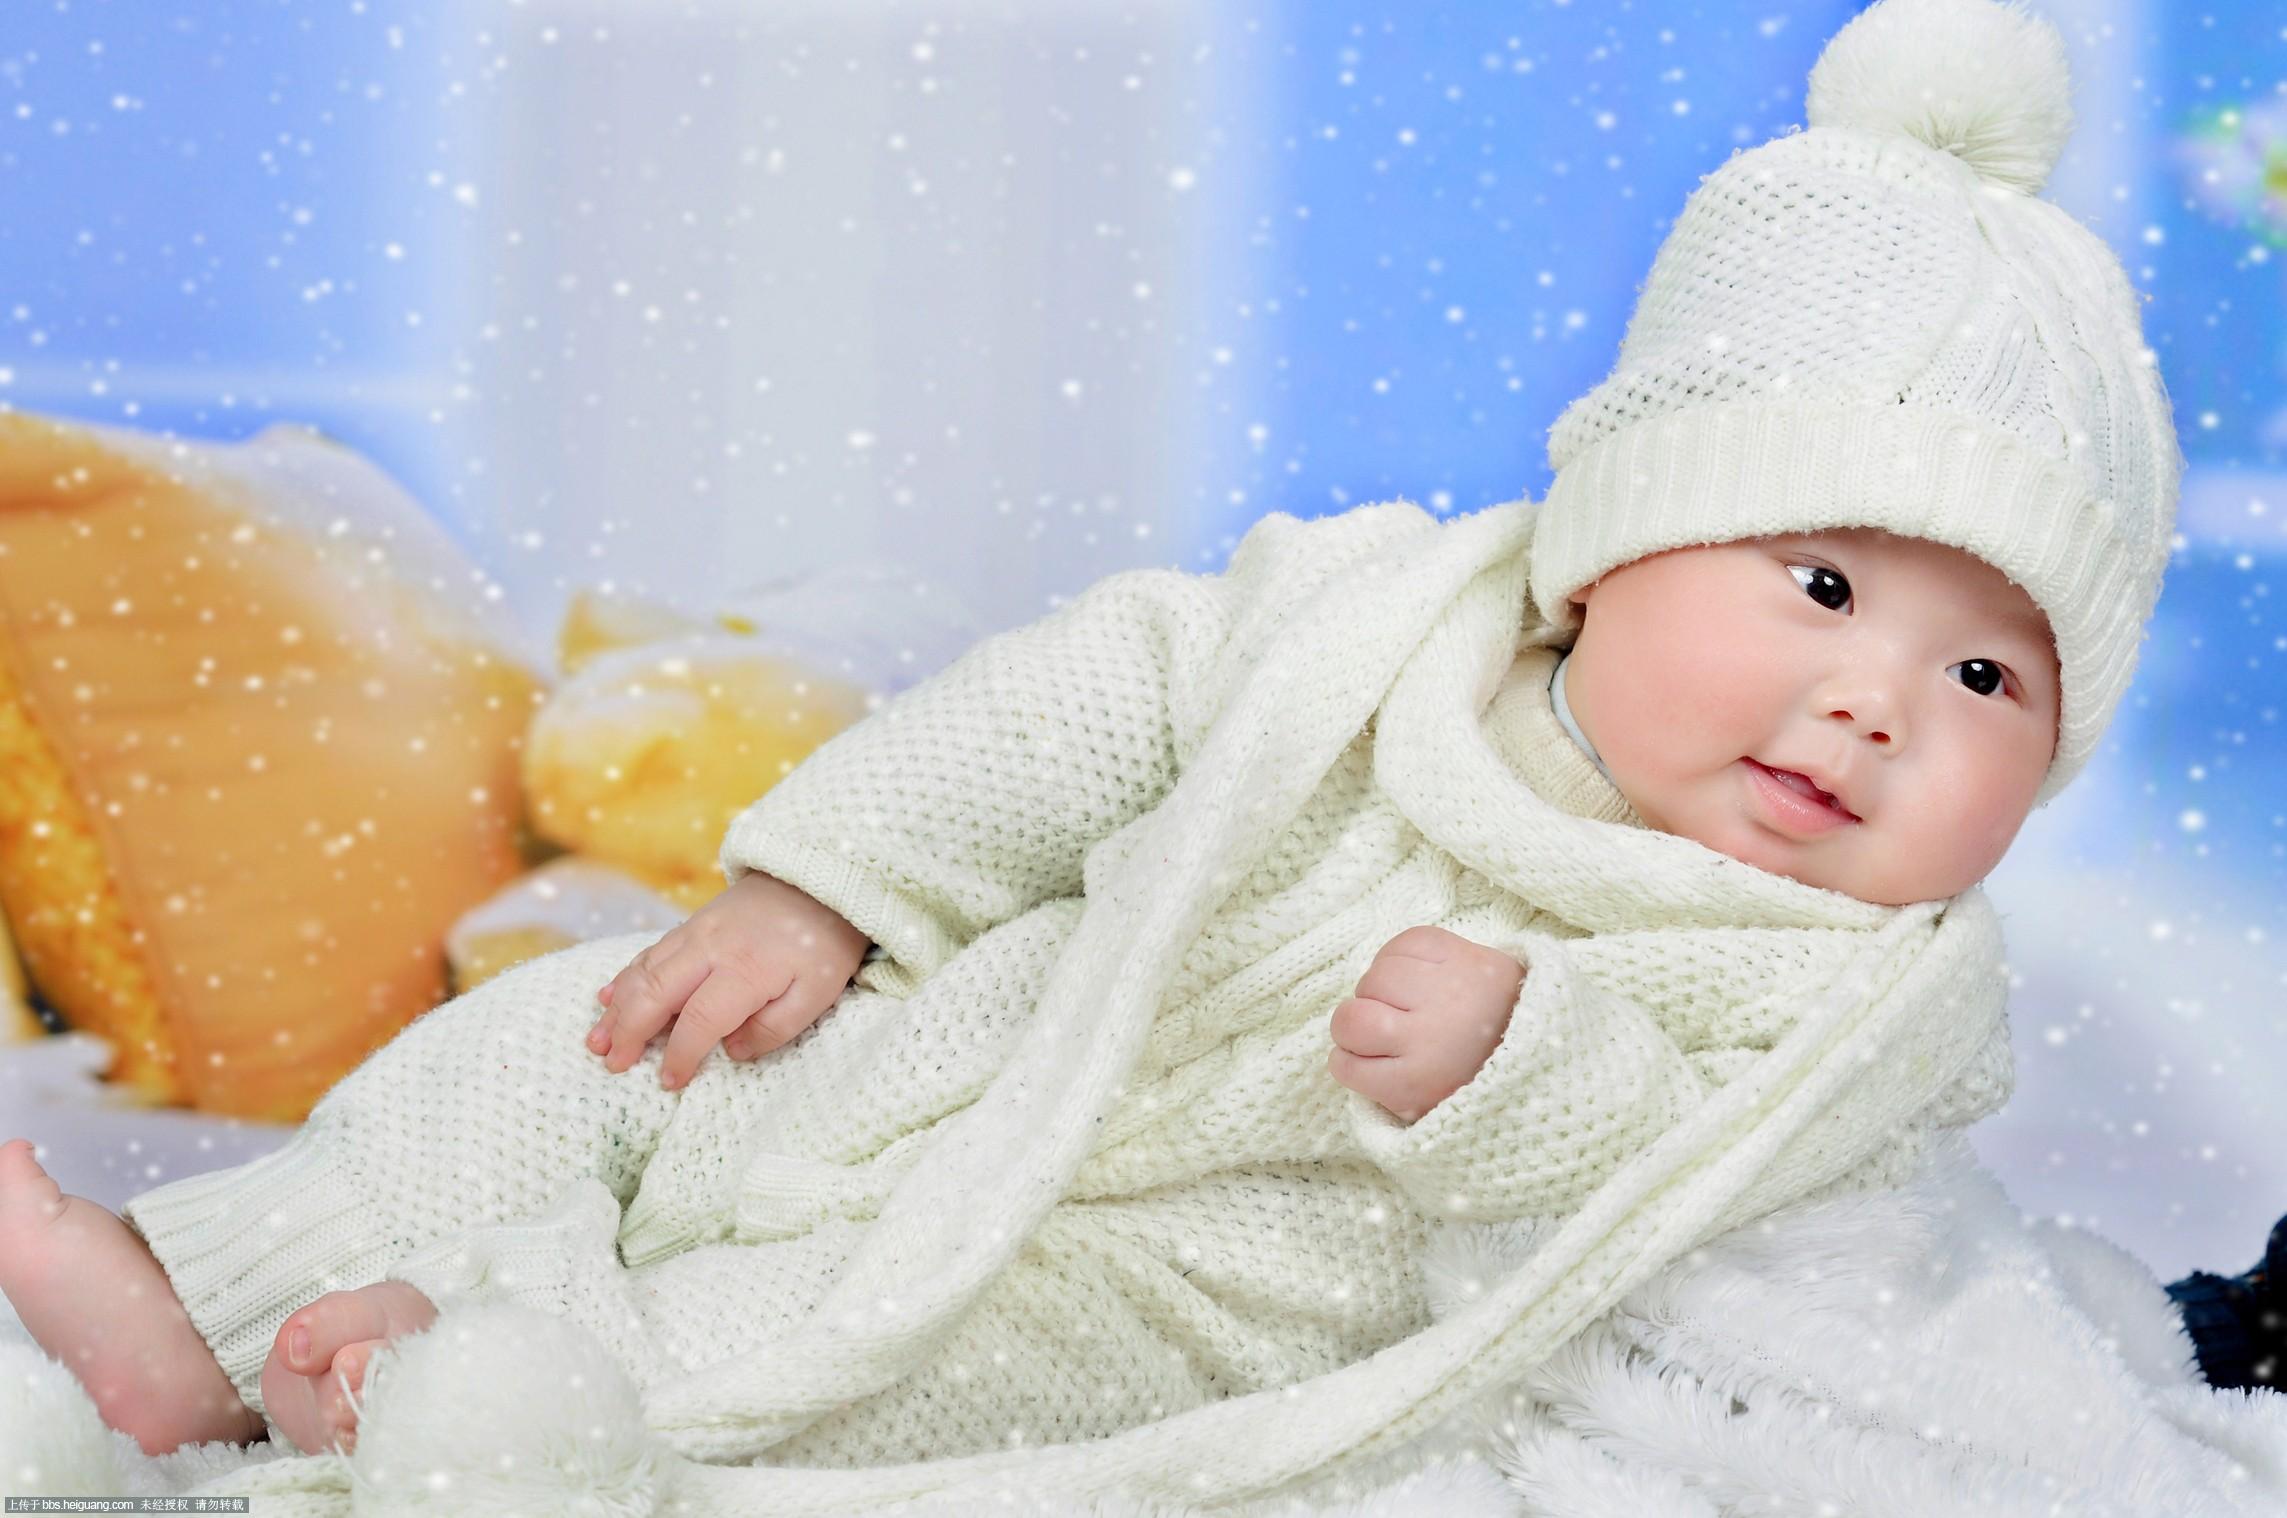 宝宝 百天照_儿童摄影作品_黑光论坛